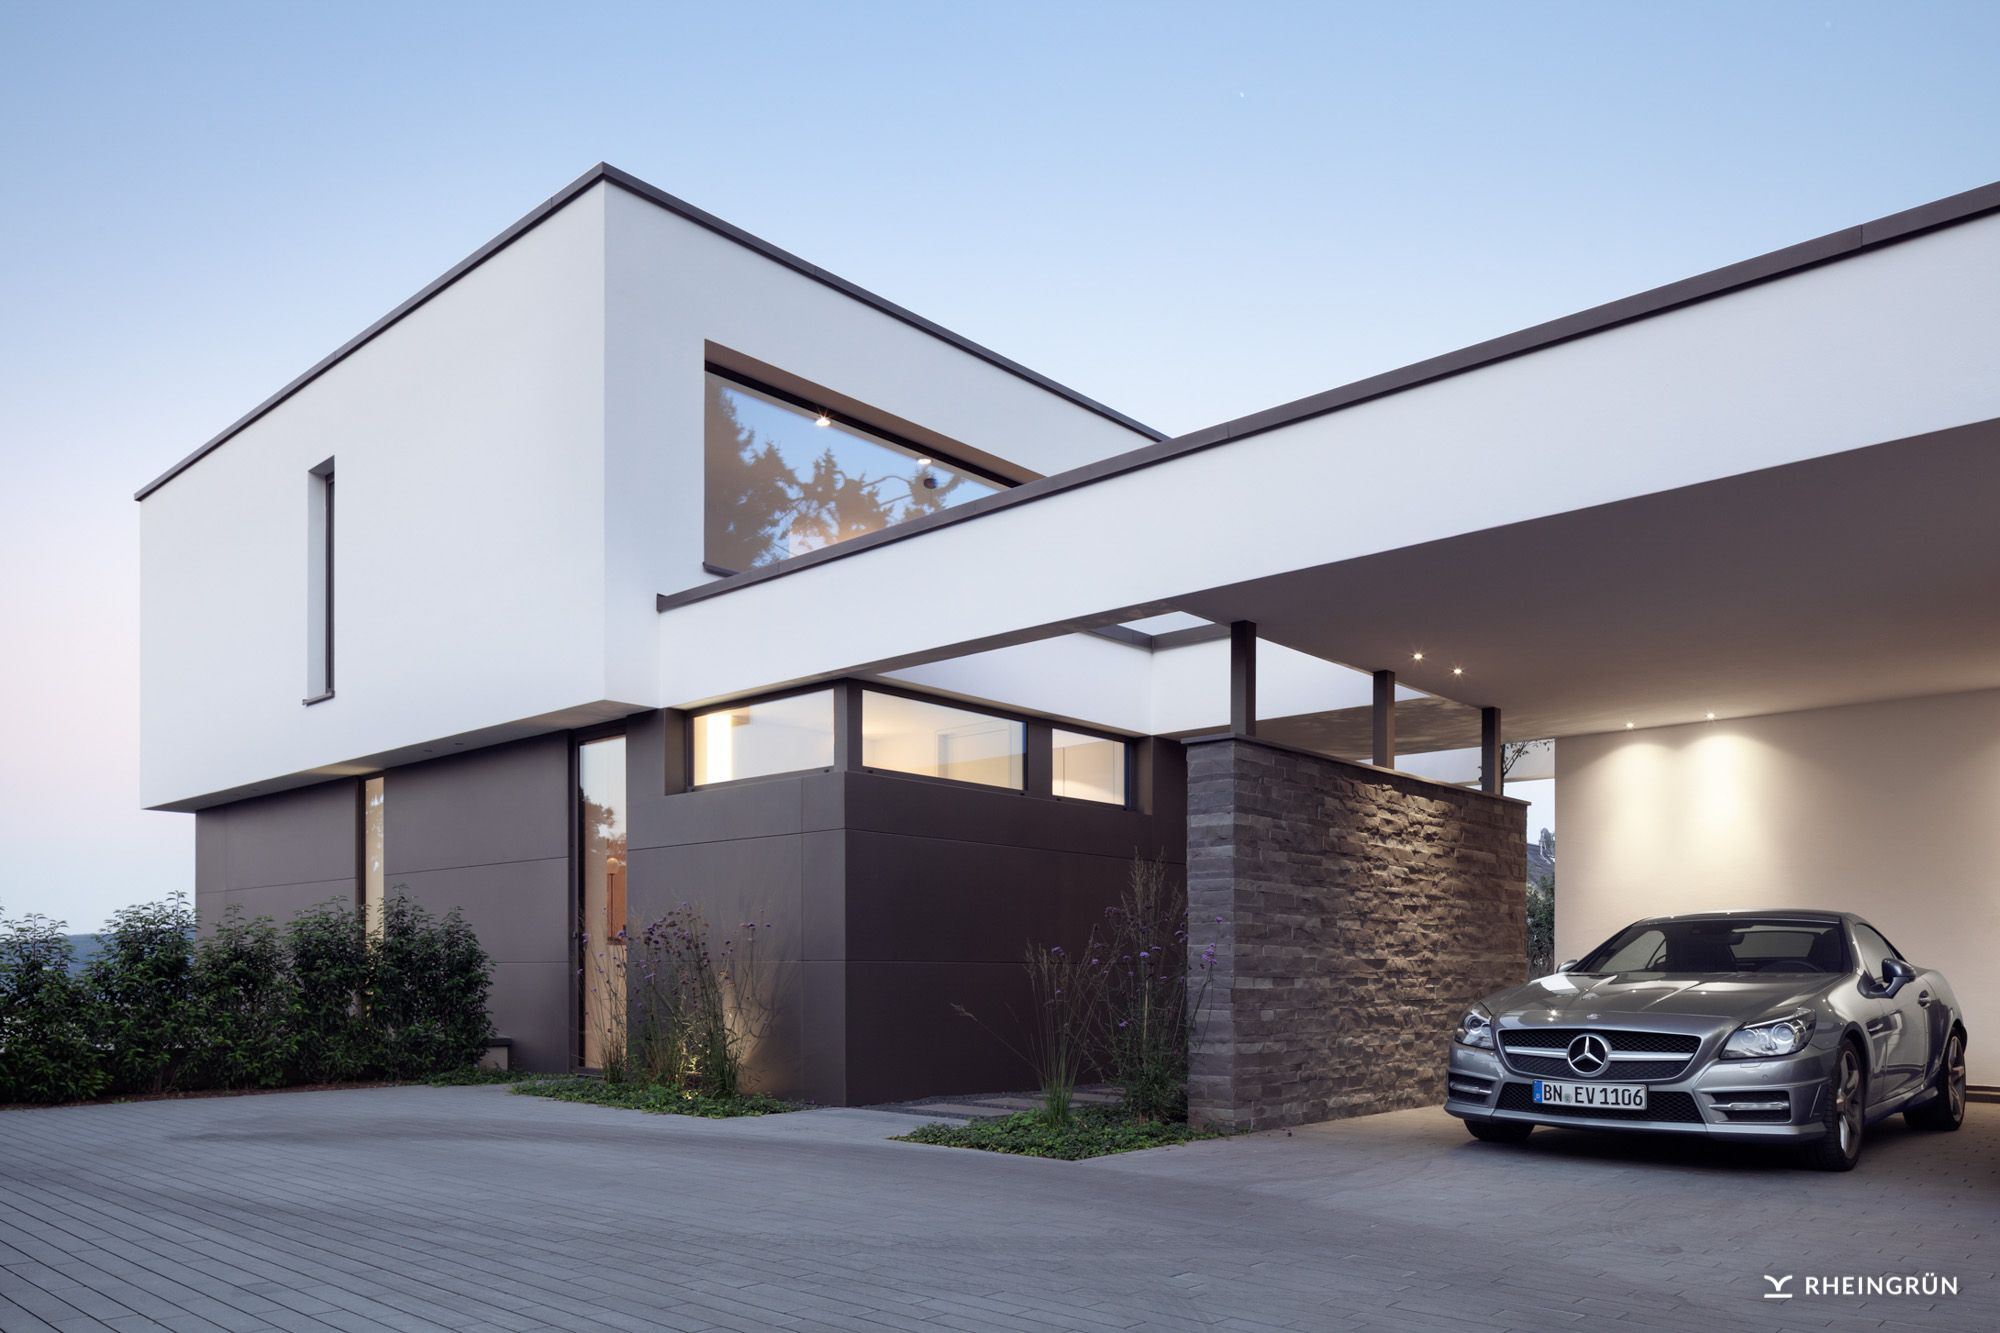 exklusive villa mit modernen wasserbecken aus cortenstahl und stimmungsvoller gartenbeleuchtung. Black Bedroom Furniture Sets. Home Design Ideas